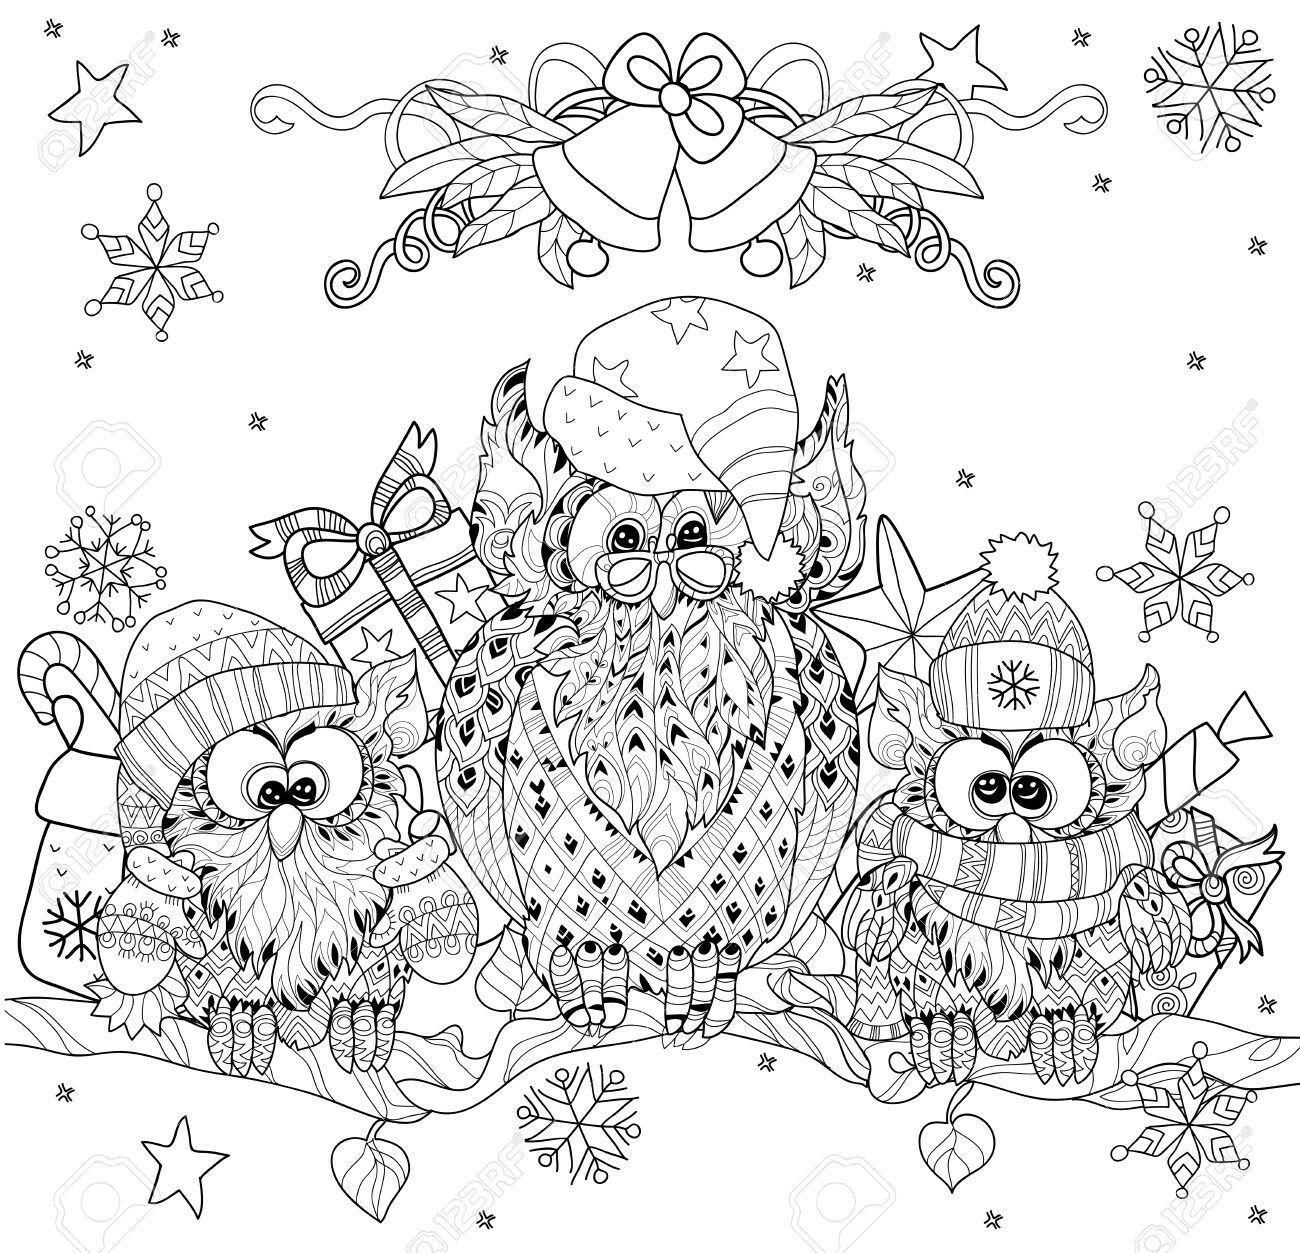 malvorlage eule weihnachten  zeichnen und färben